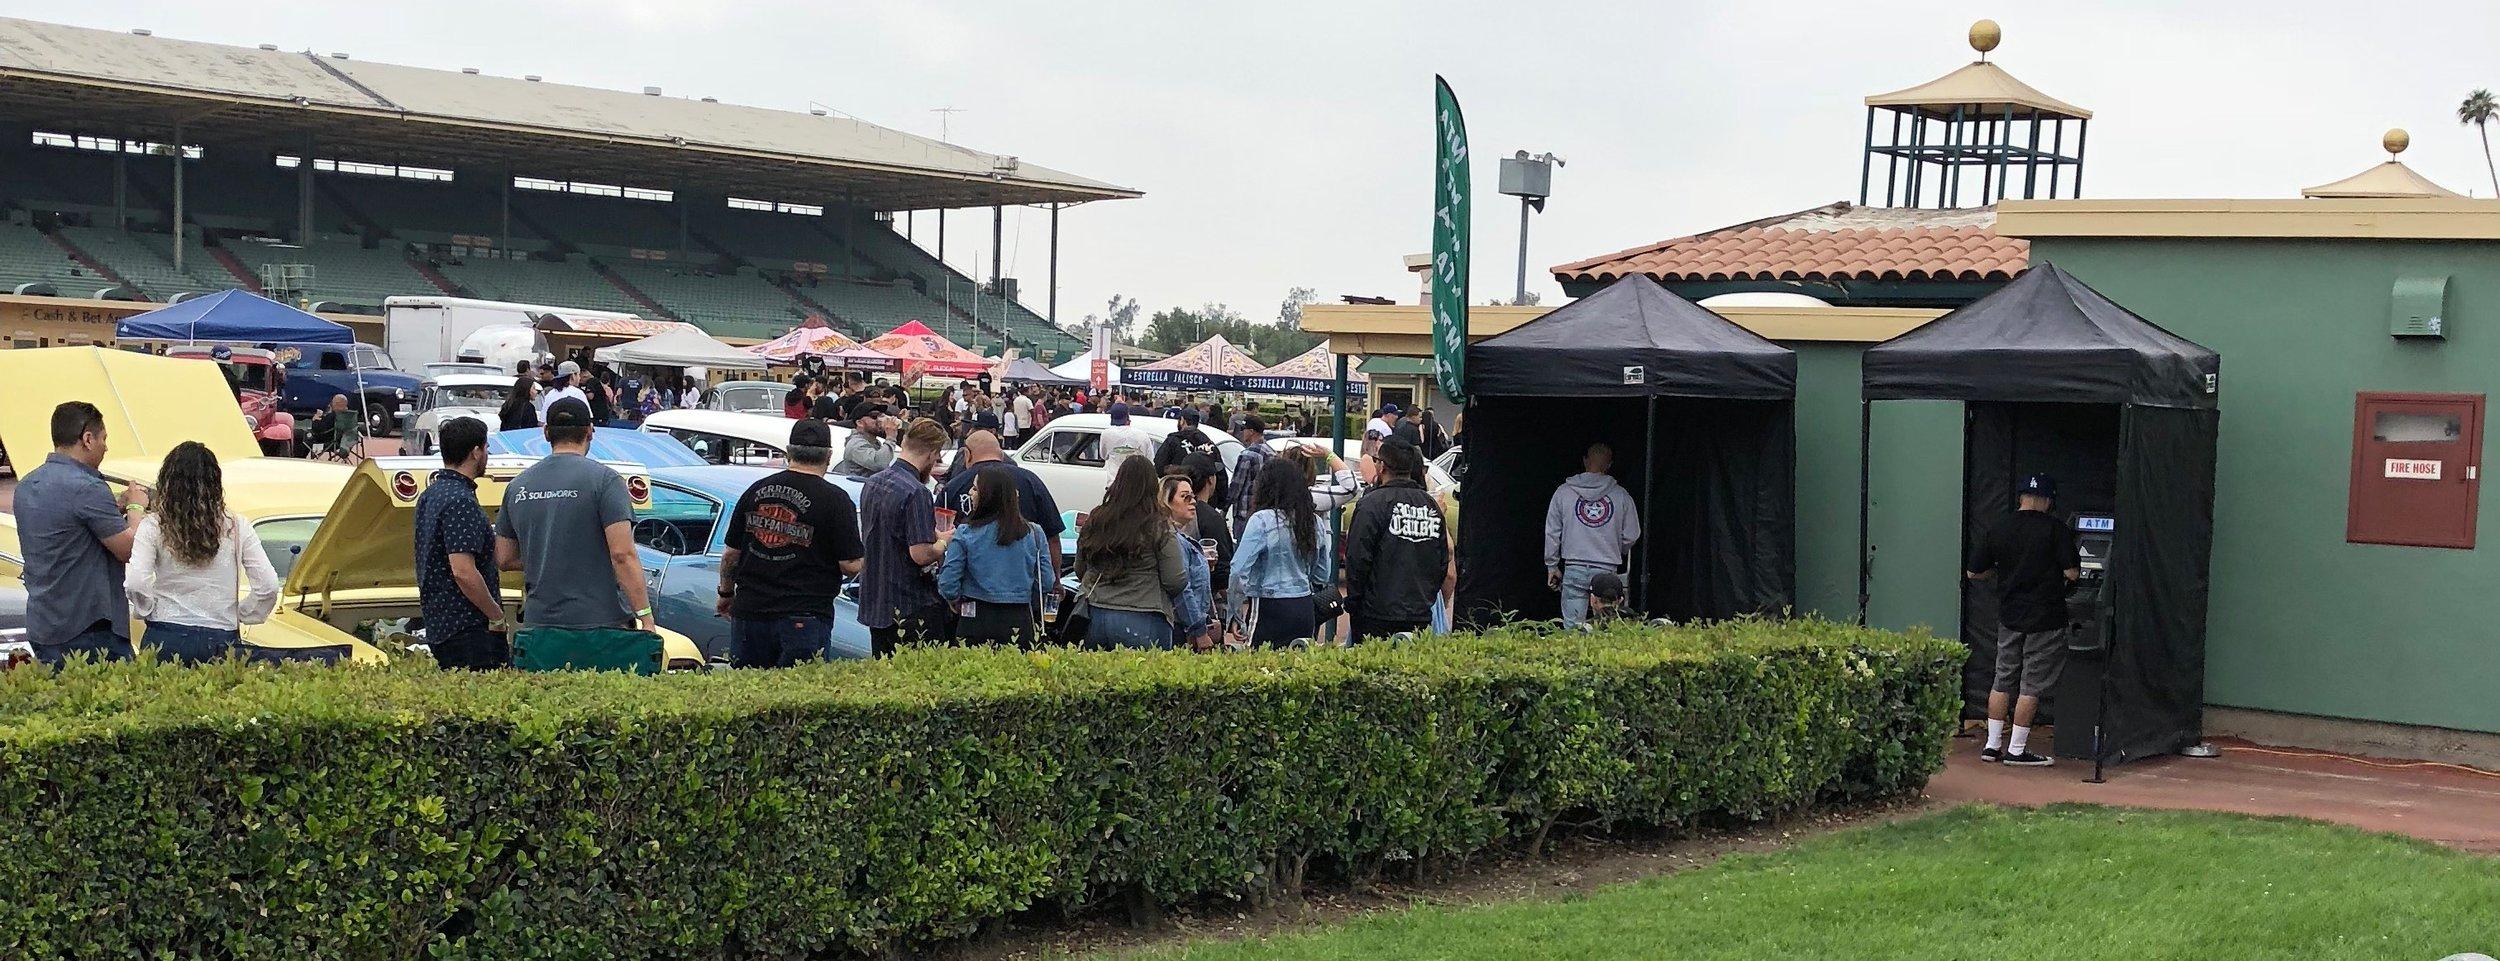 Santa Anita Race Track Car Show